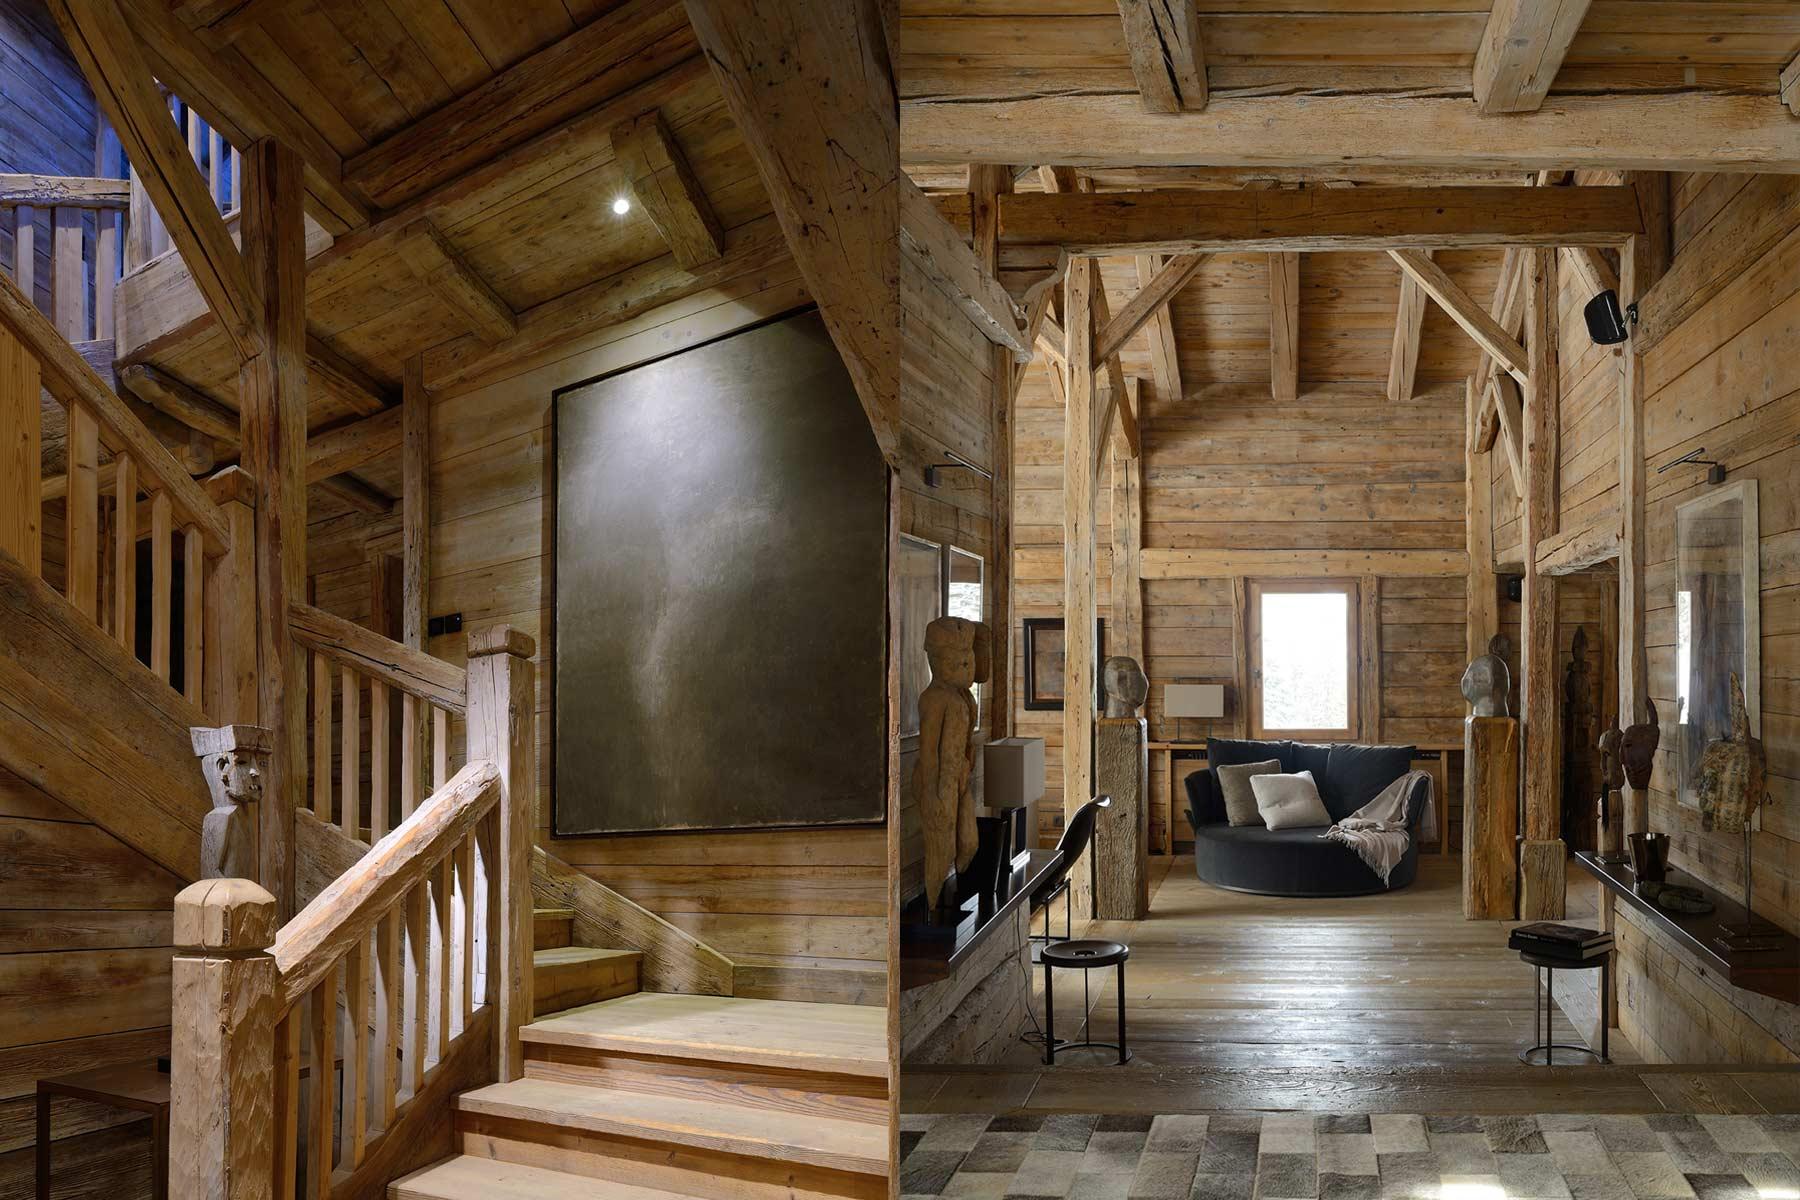 Décoration intérieur chalet bois - Design en image